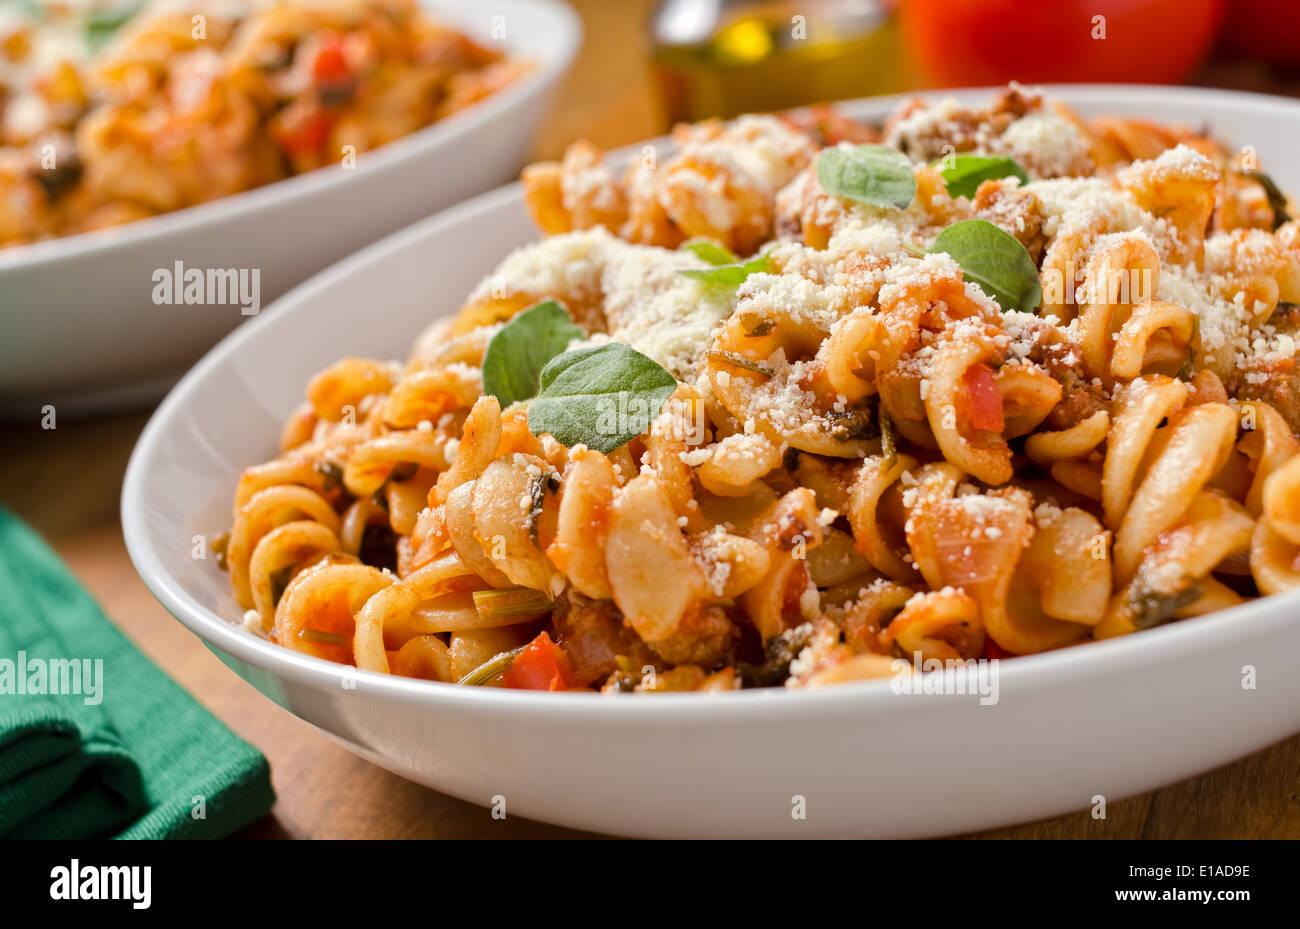 Rotini pasta con salsa marinara, queso parmesano y albahaca fresca. Imagen De Stock